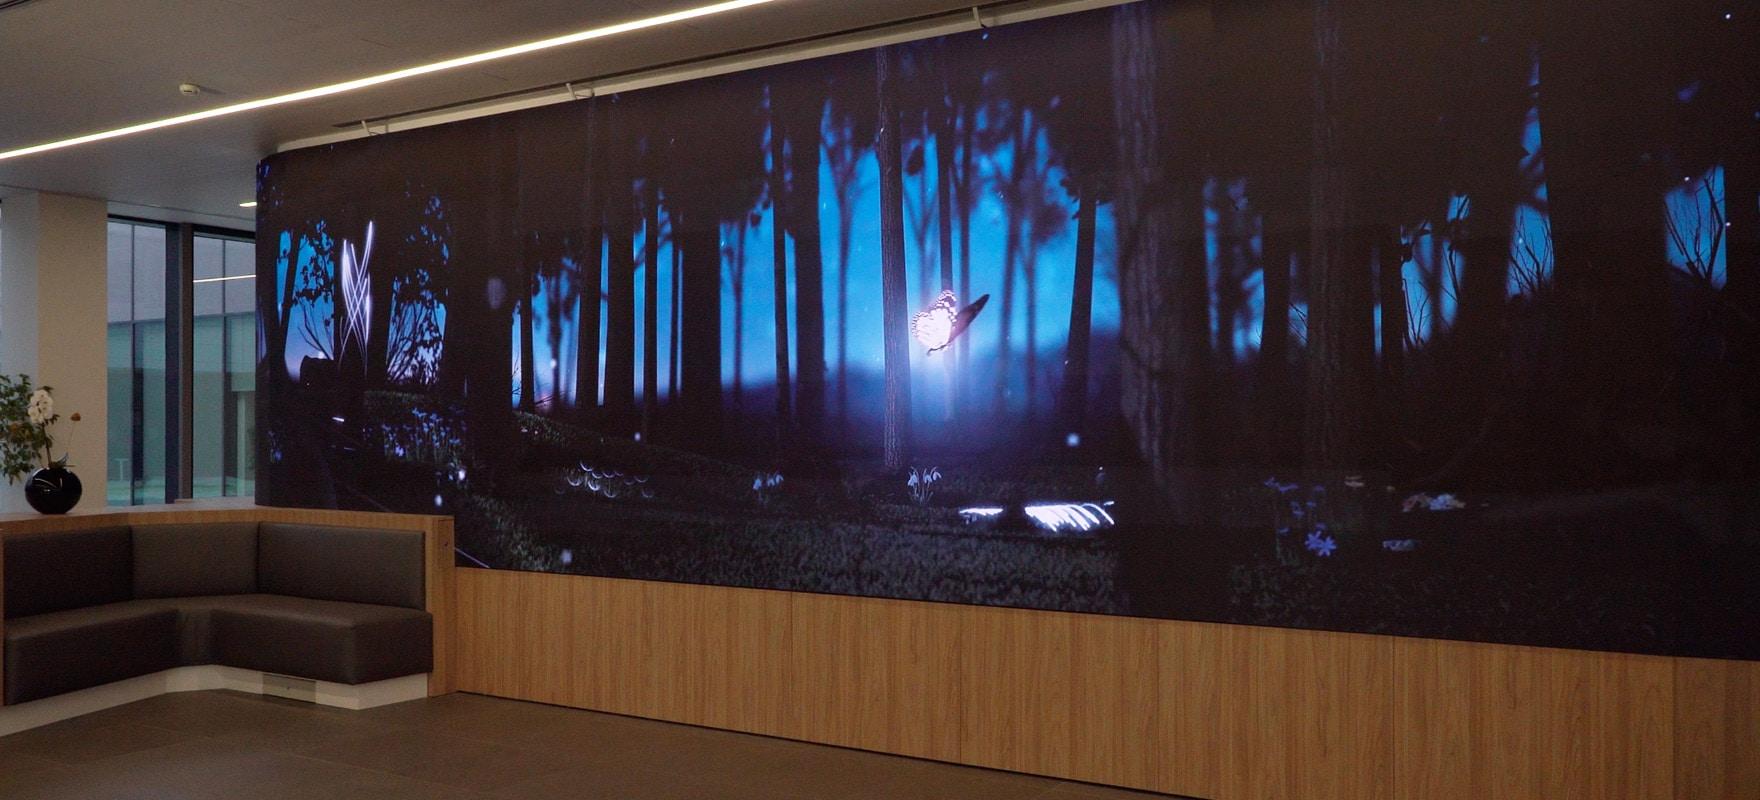 Ledwall indoor passo 2.5 alta definizione insegna digitale Digital Signage real estate architettura e design